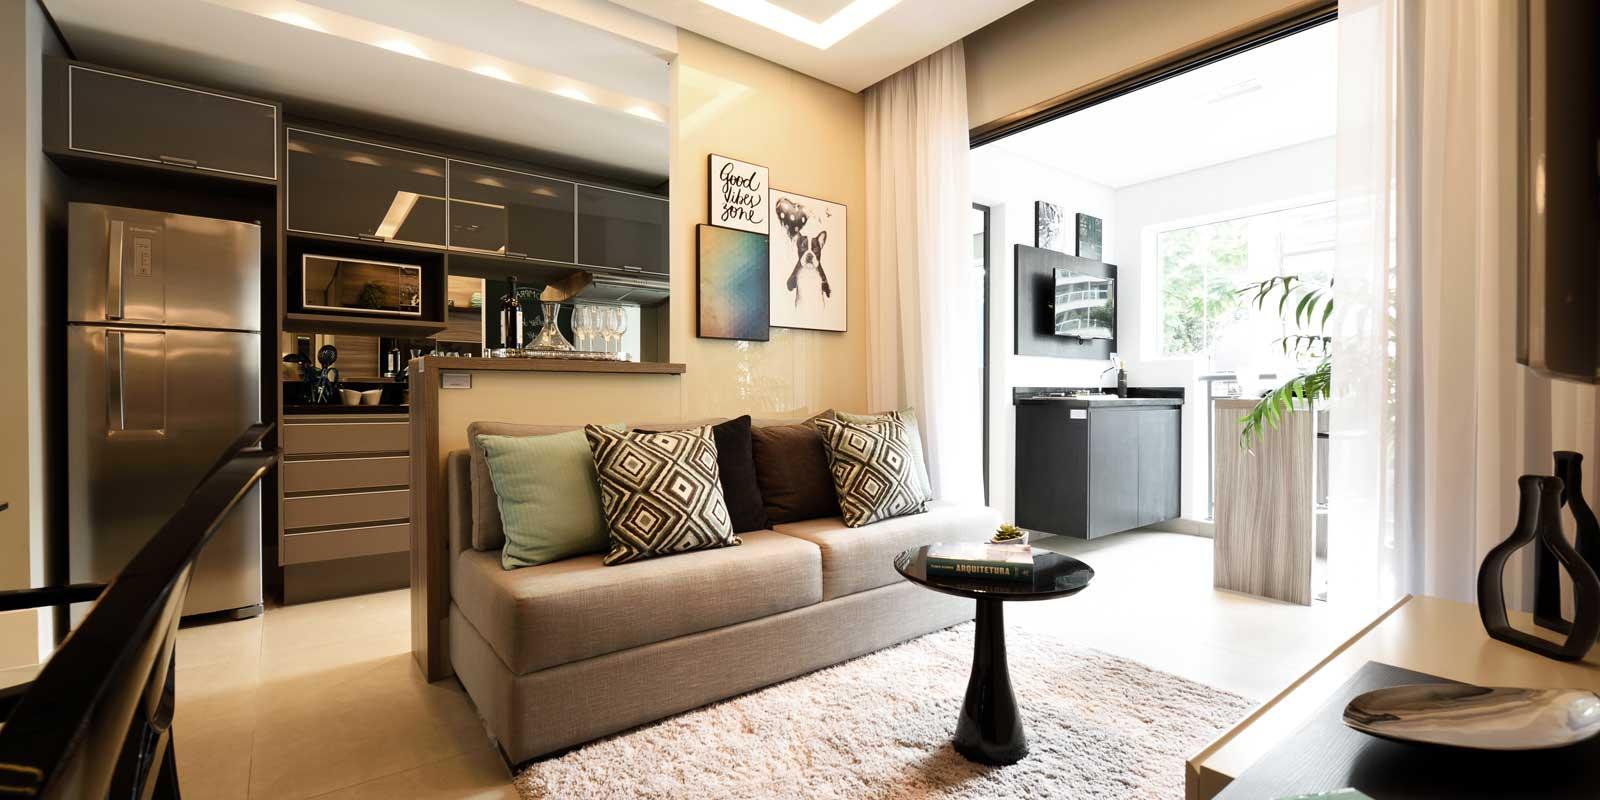 Decoraç u00e3o de Apartamento 60 Ideias com Fotos e Projetos -> Decoração Para Varanda De Apartamento Simples